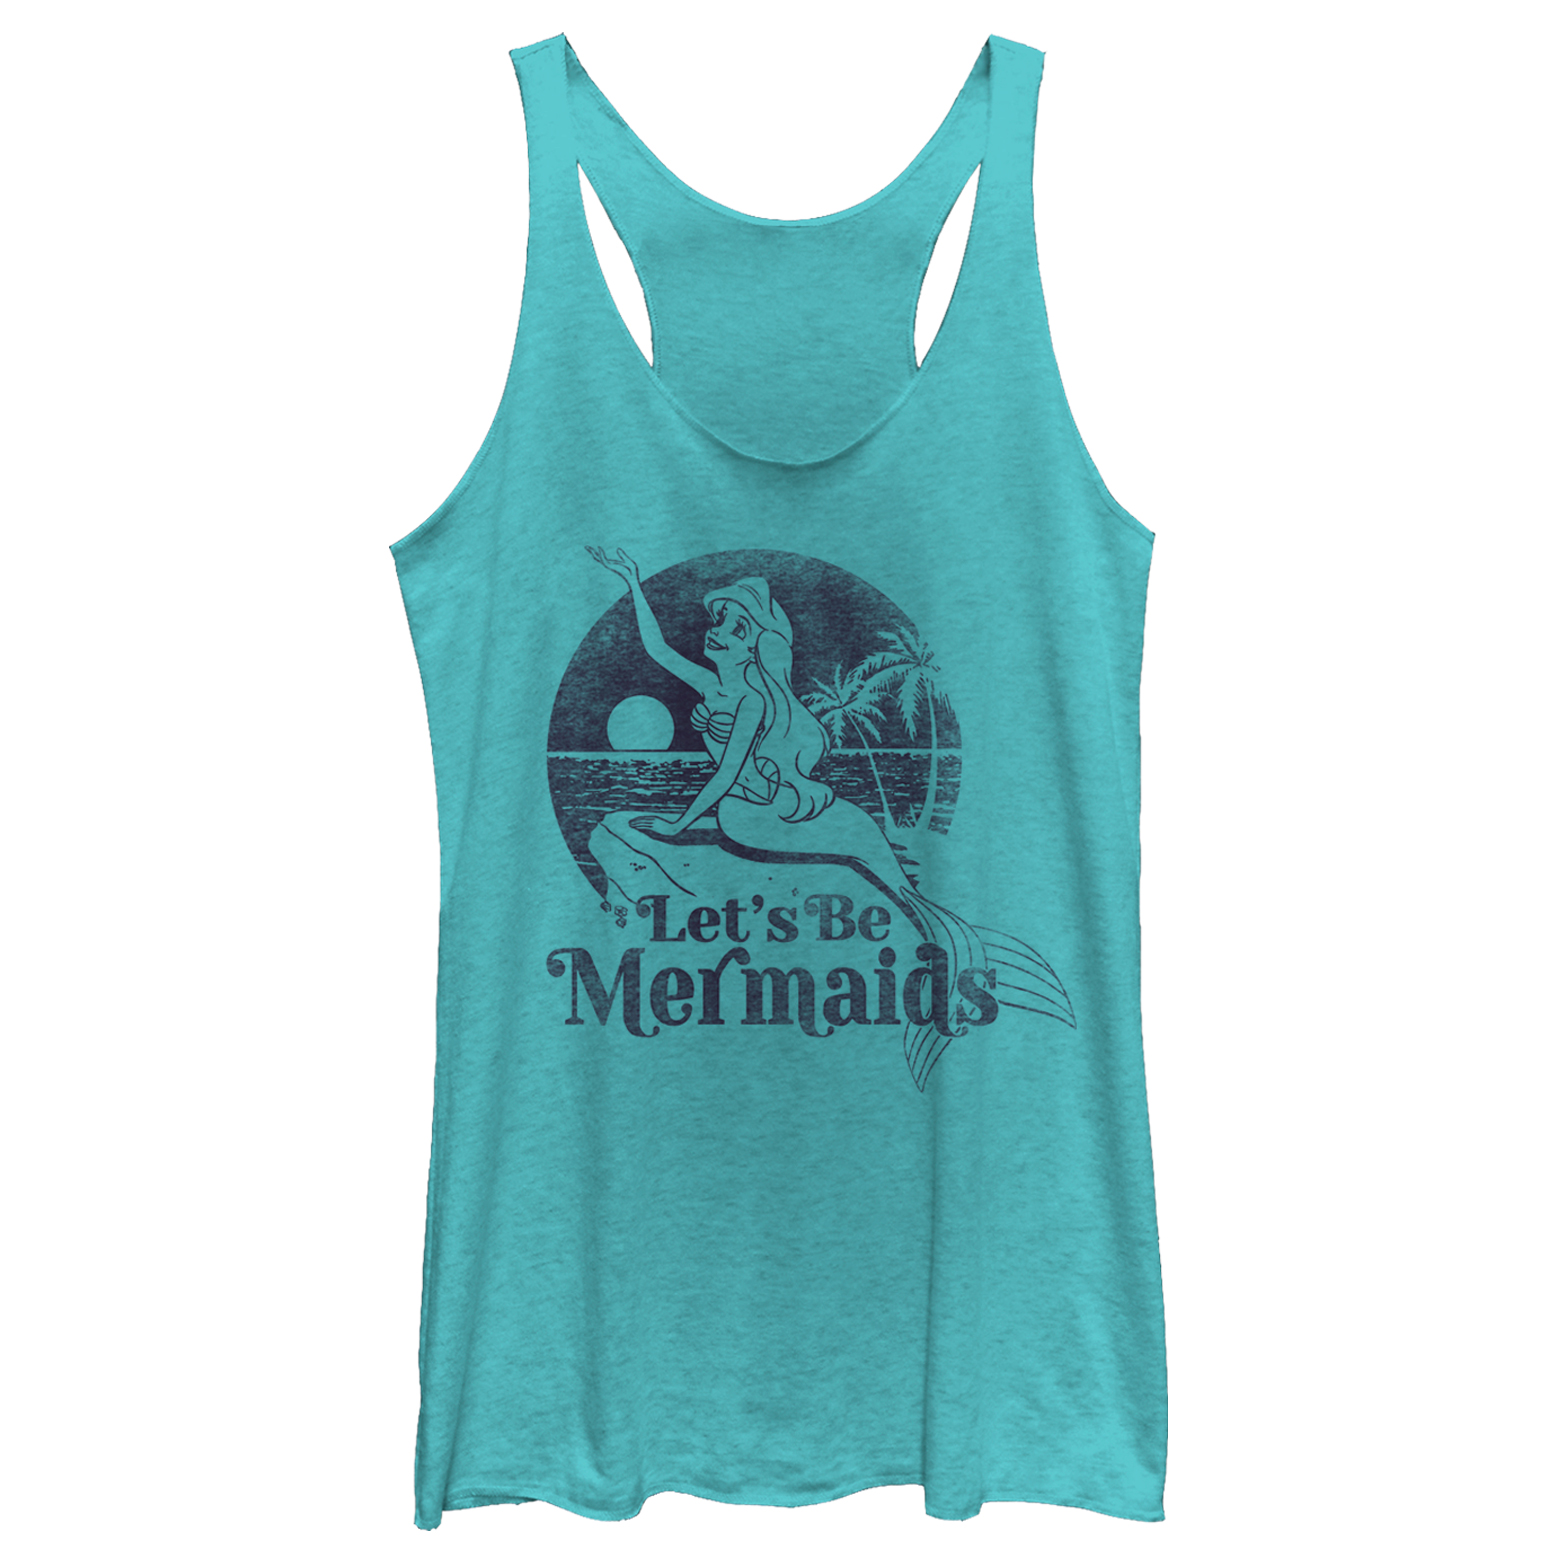 The Little Mermaid Women's Let's Be Racerback Tank Top